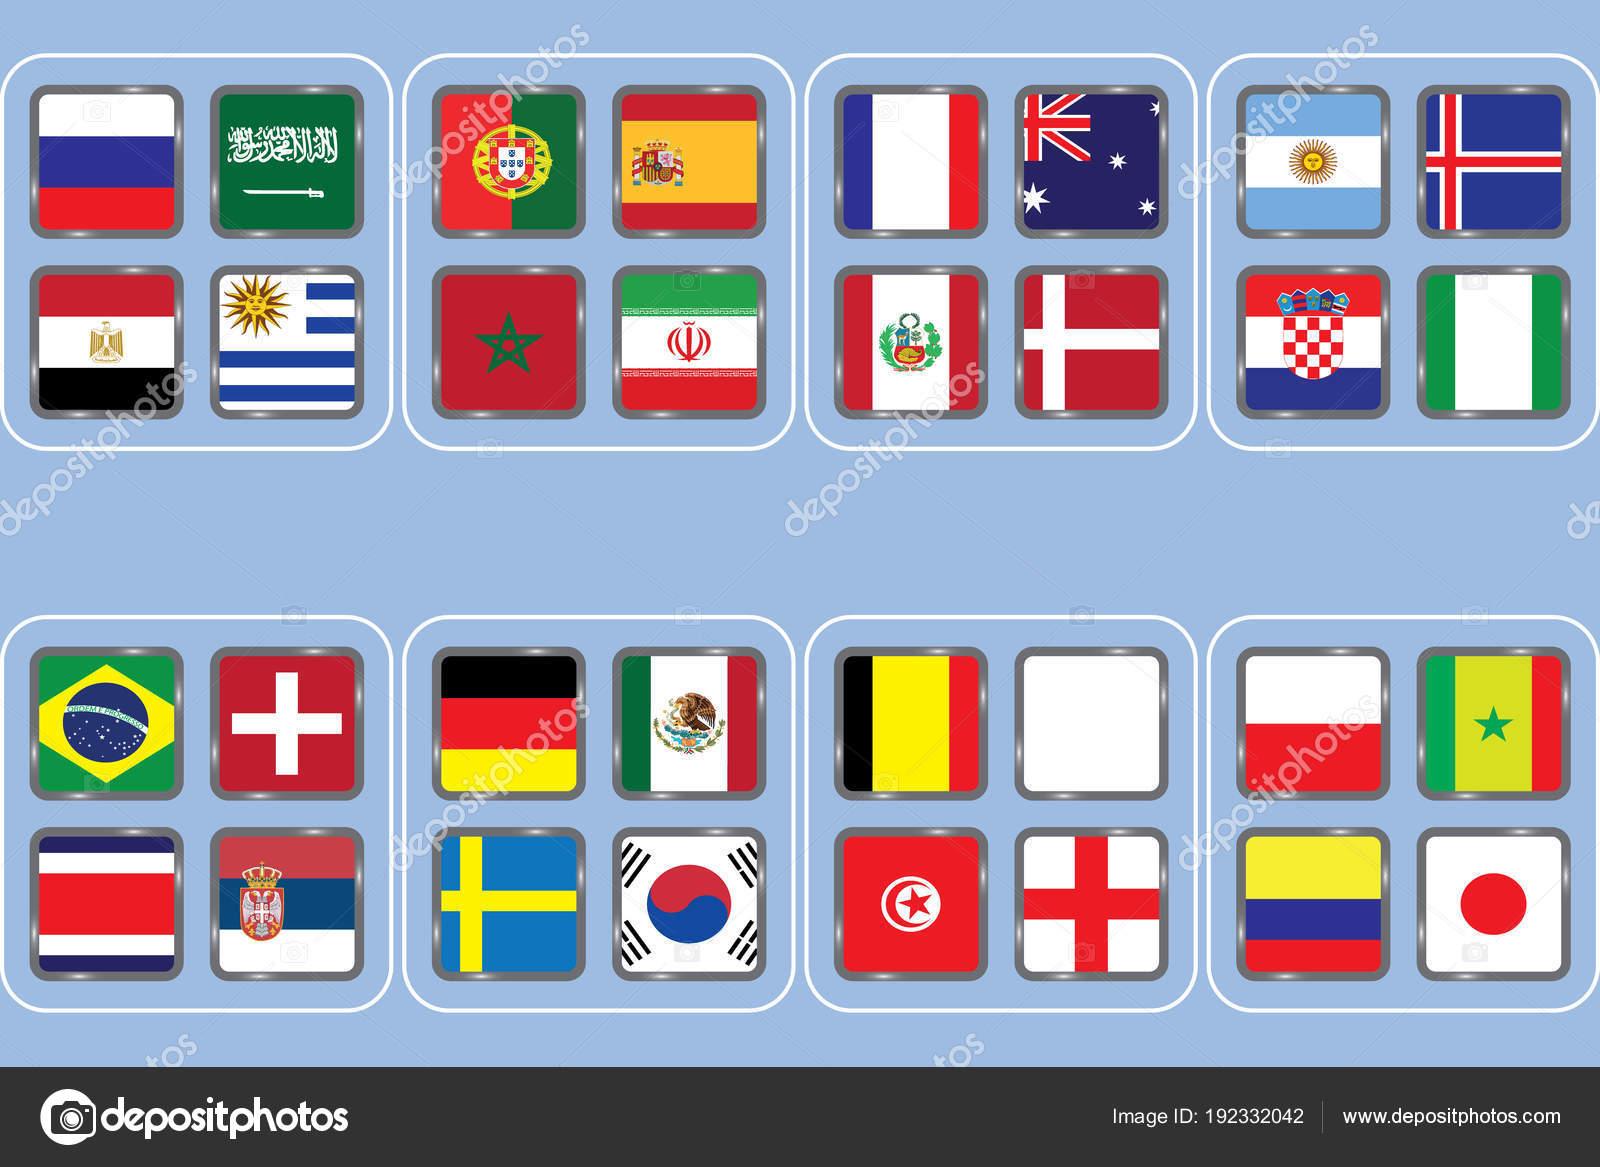 Fussball Weltmeisterschaft Gruppen Vektor Landflaggen Fussball